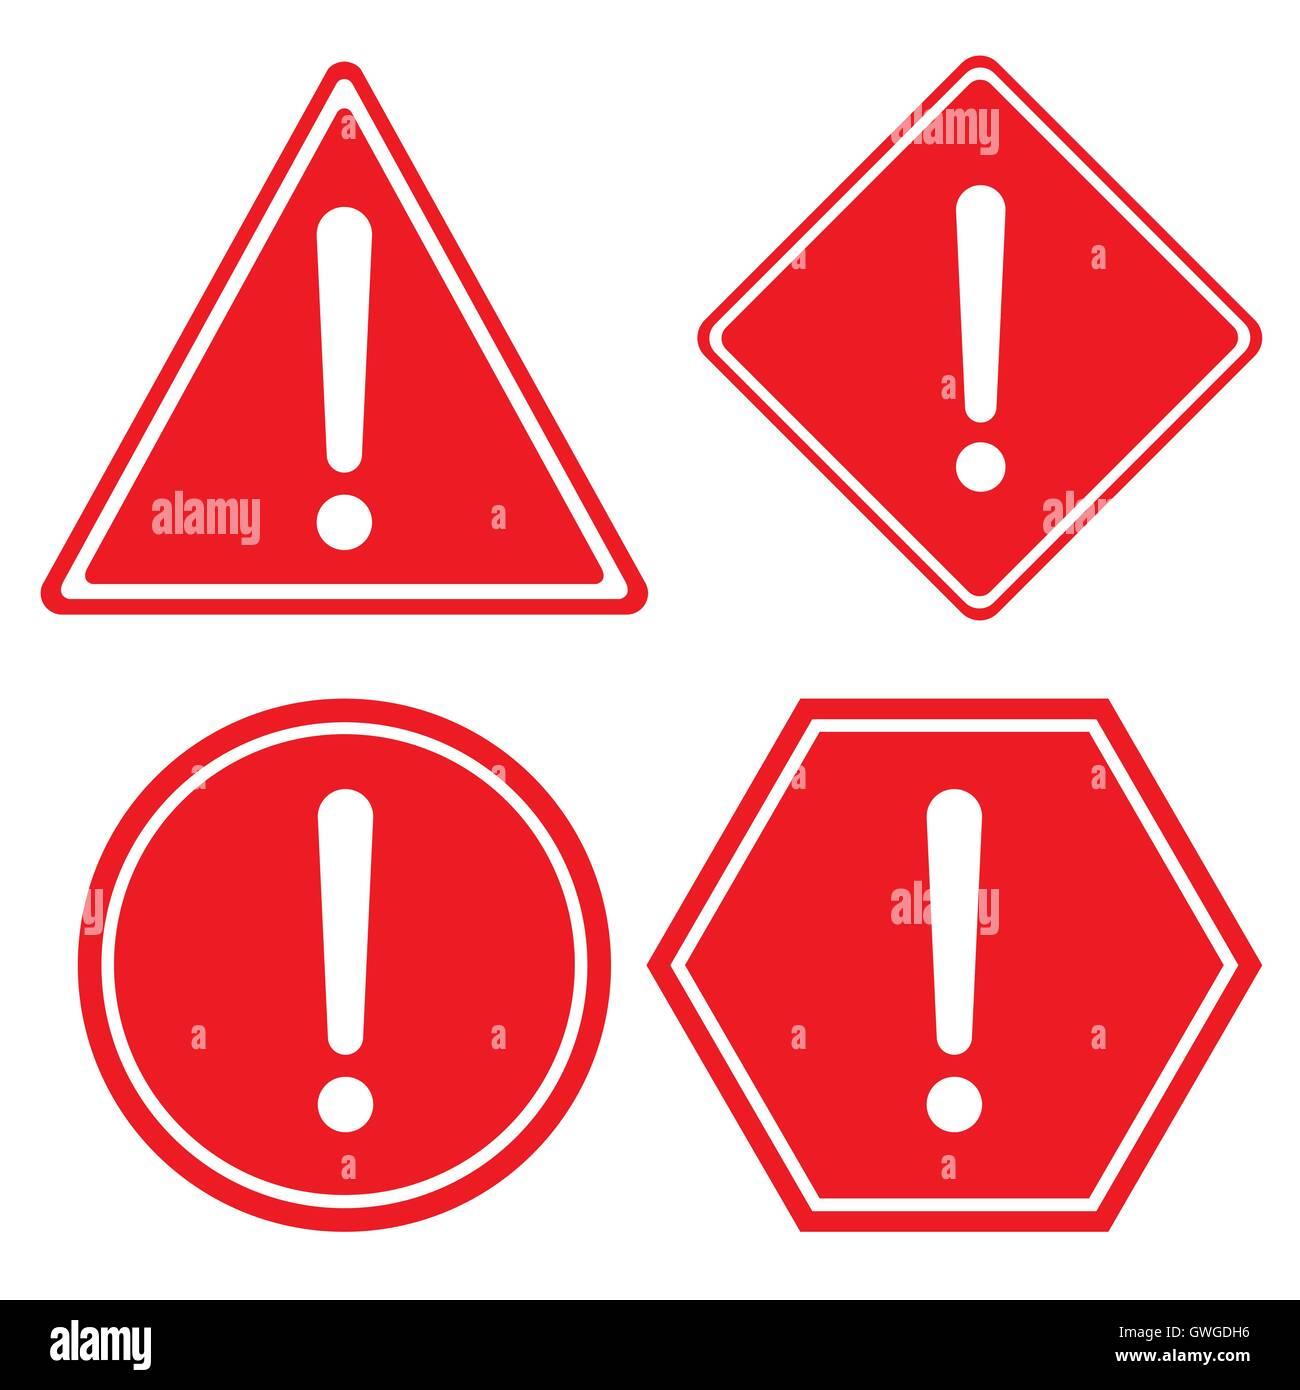 Advertencia, firmar, exclamación, presión, marca roja, icono, peligro, error, punto, atención, vector, Imagen De Stock